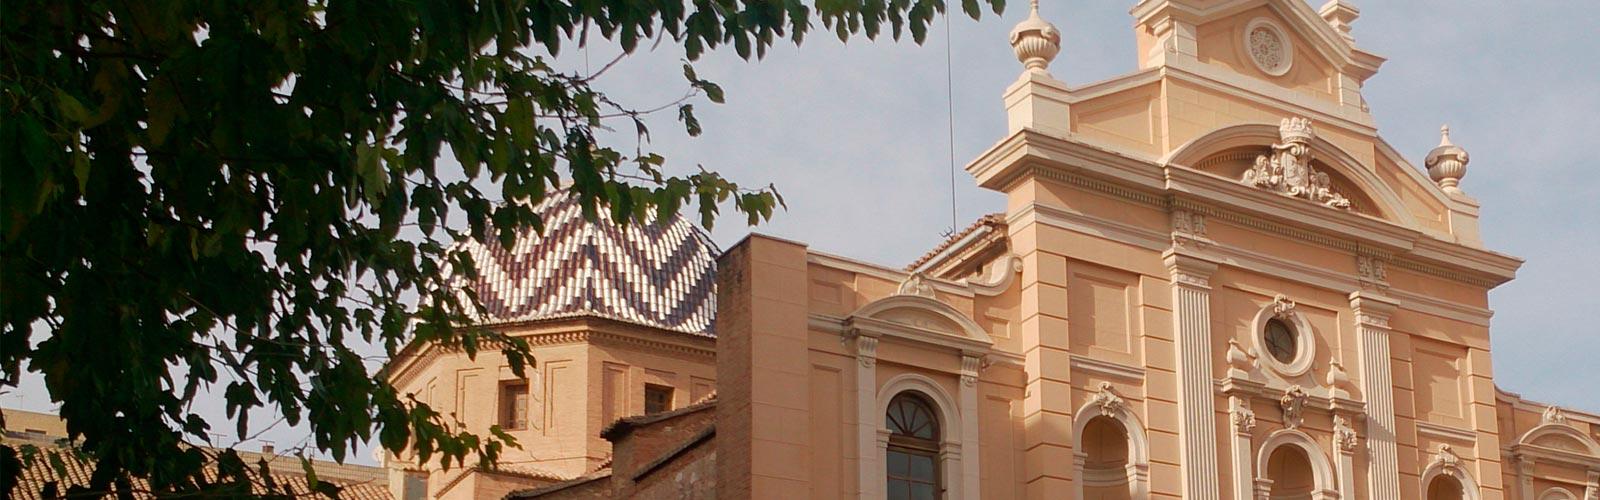 aanbieding nijntje museum st oliver kortingscode